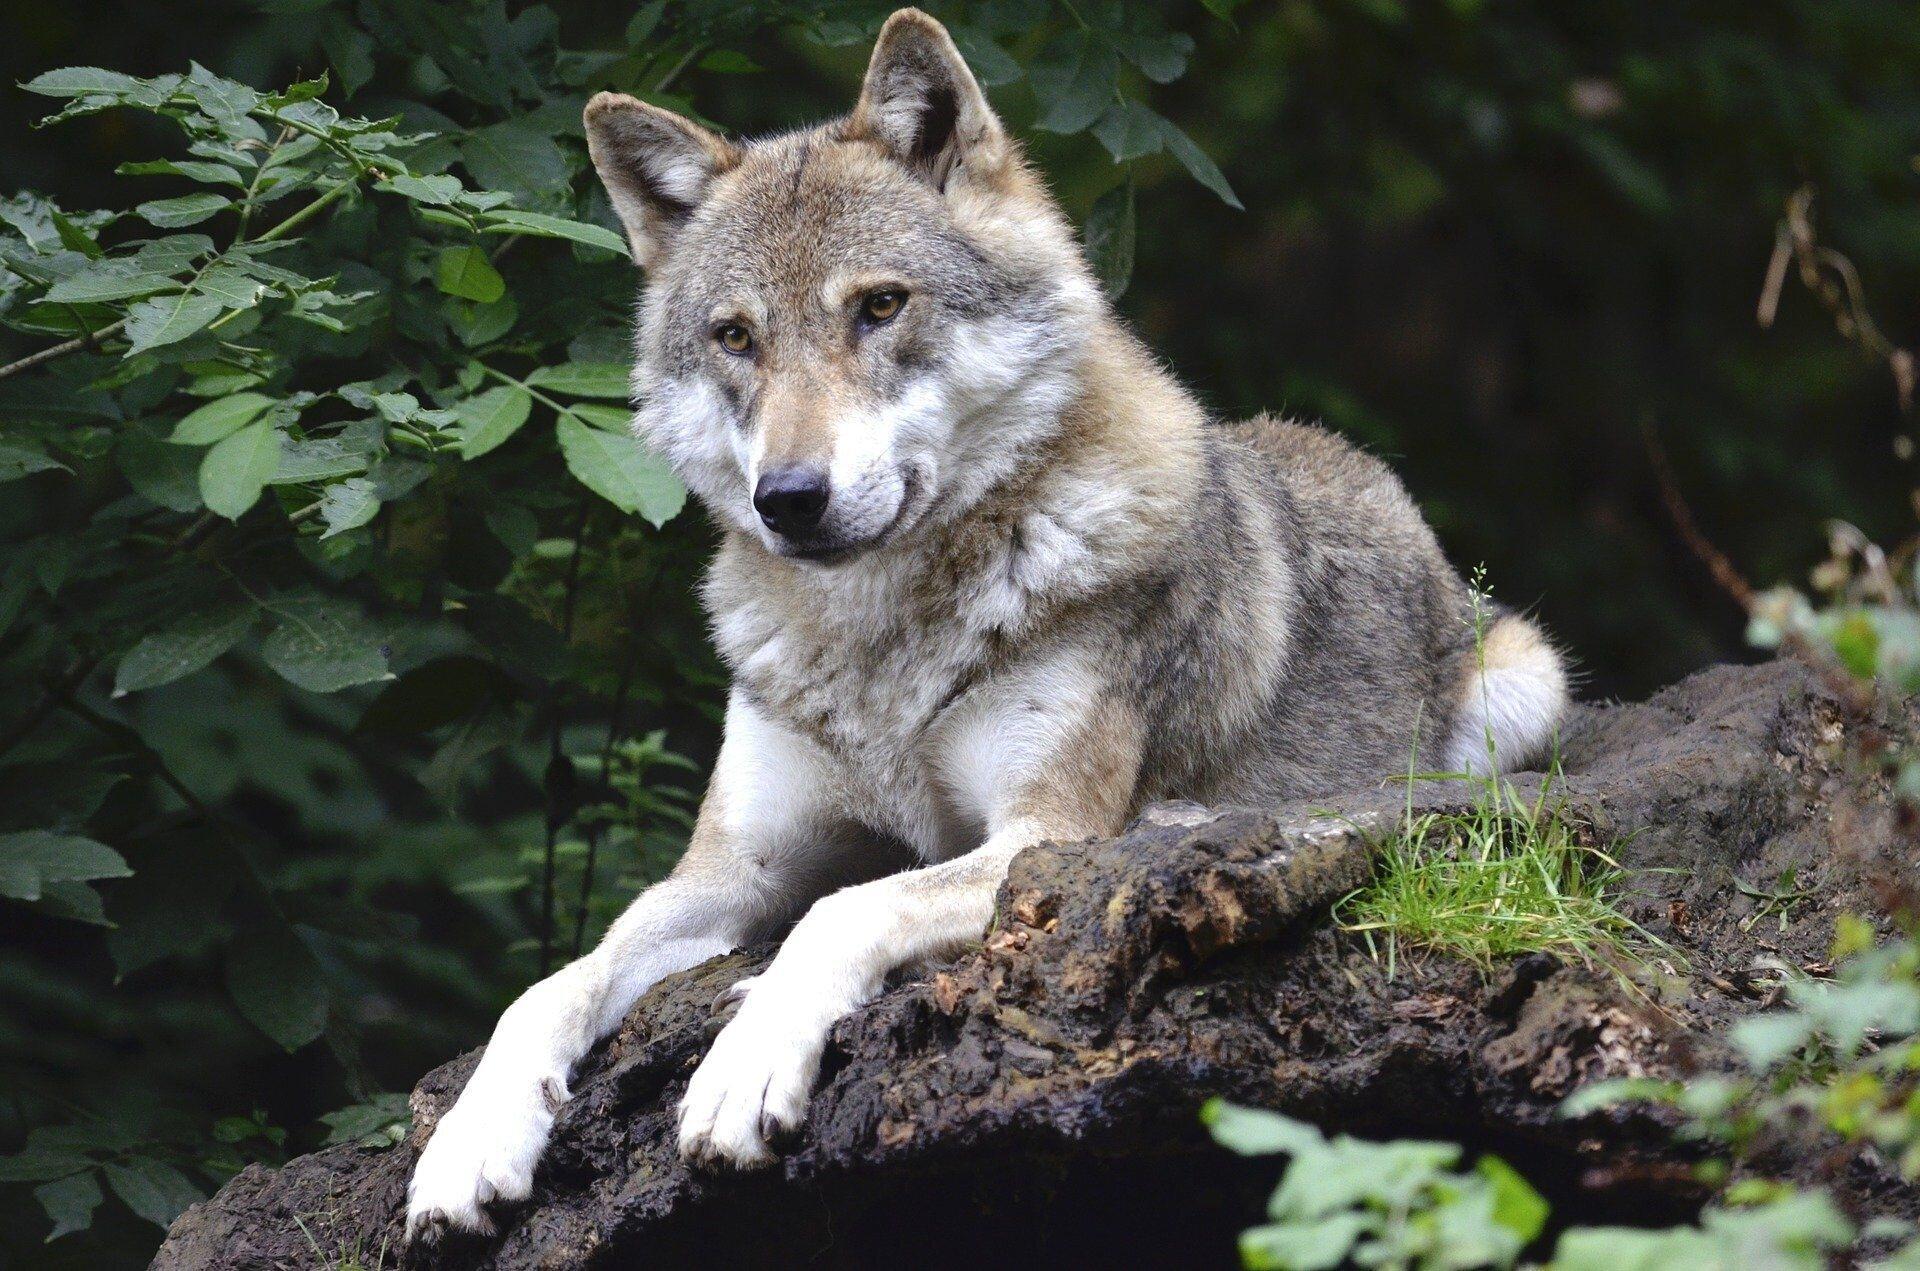 Wolf im Dickicht des Waldes. Quelle: Pixabay